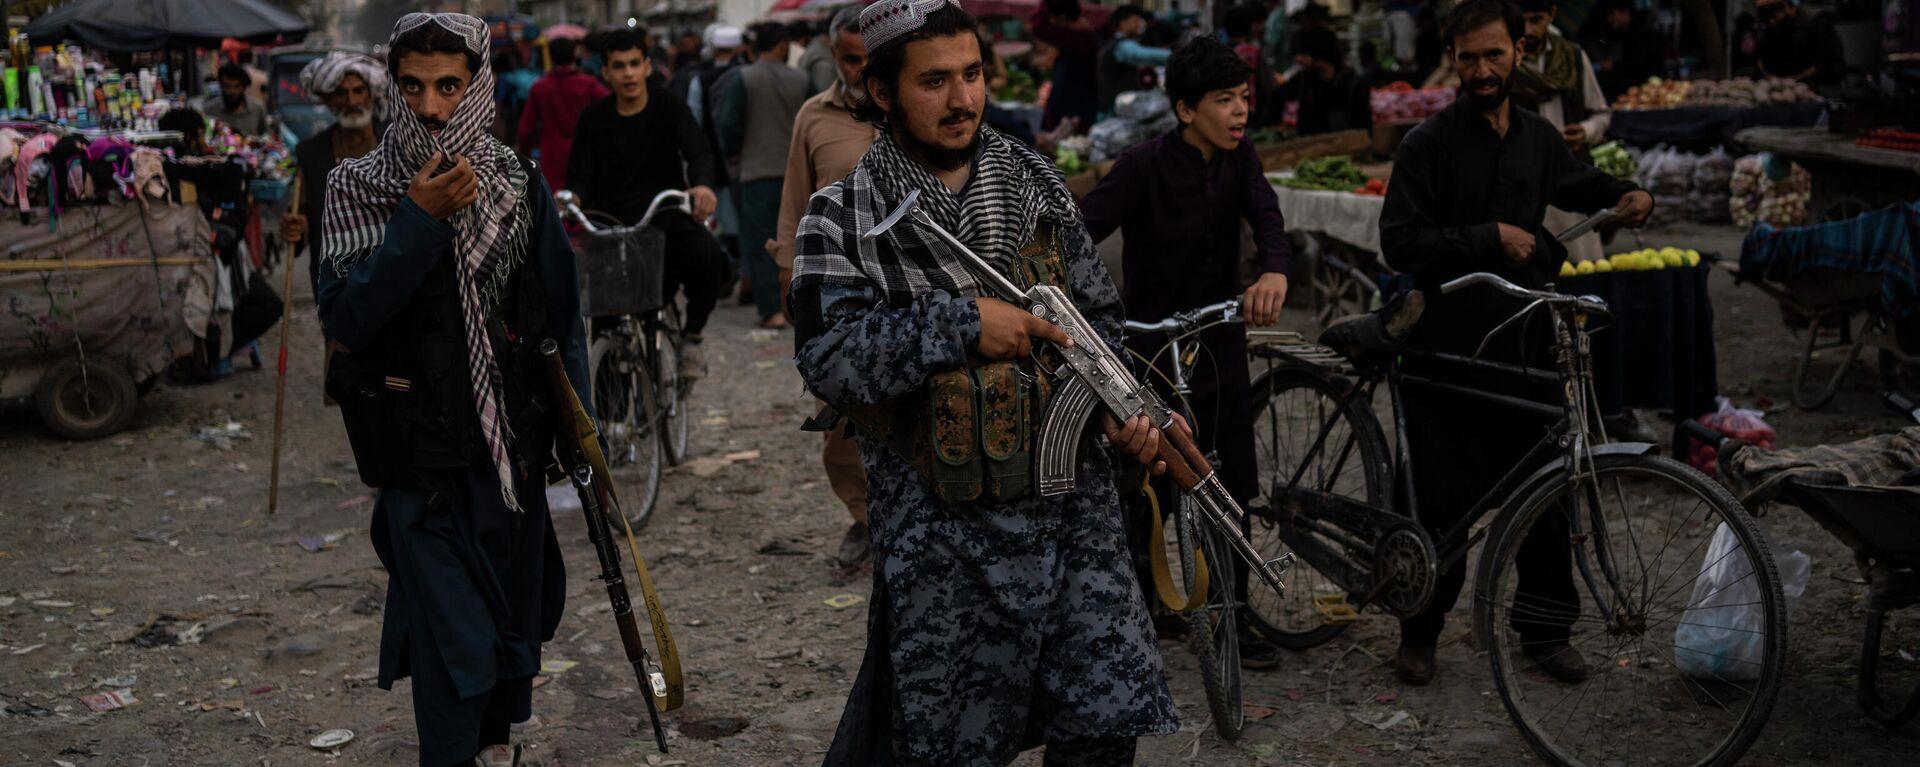 Боевики движения Талибан (террористическая организация, запрещена в России) в Кабуле - Sputnik Тоҷикистон, 1920, 22.09.2021